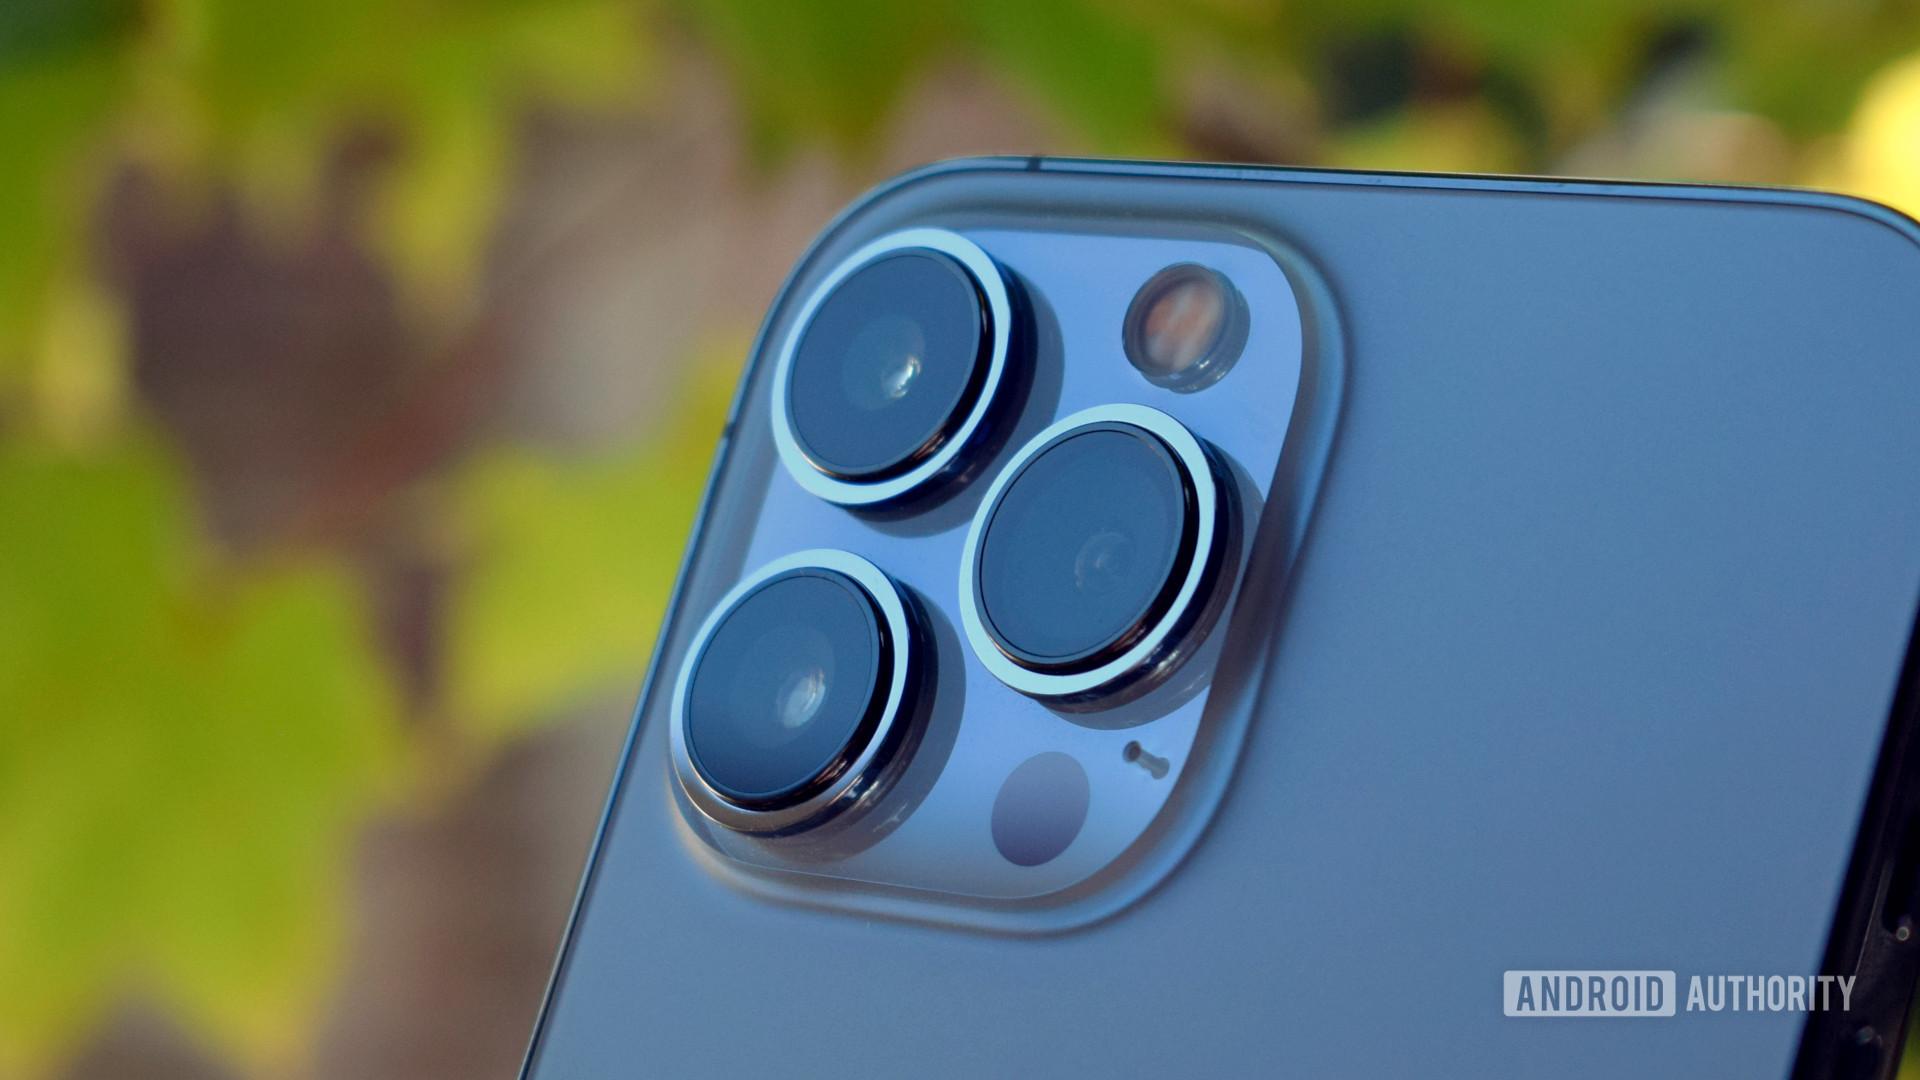 Apple iPhone 13 Pro Max camera module ultra close